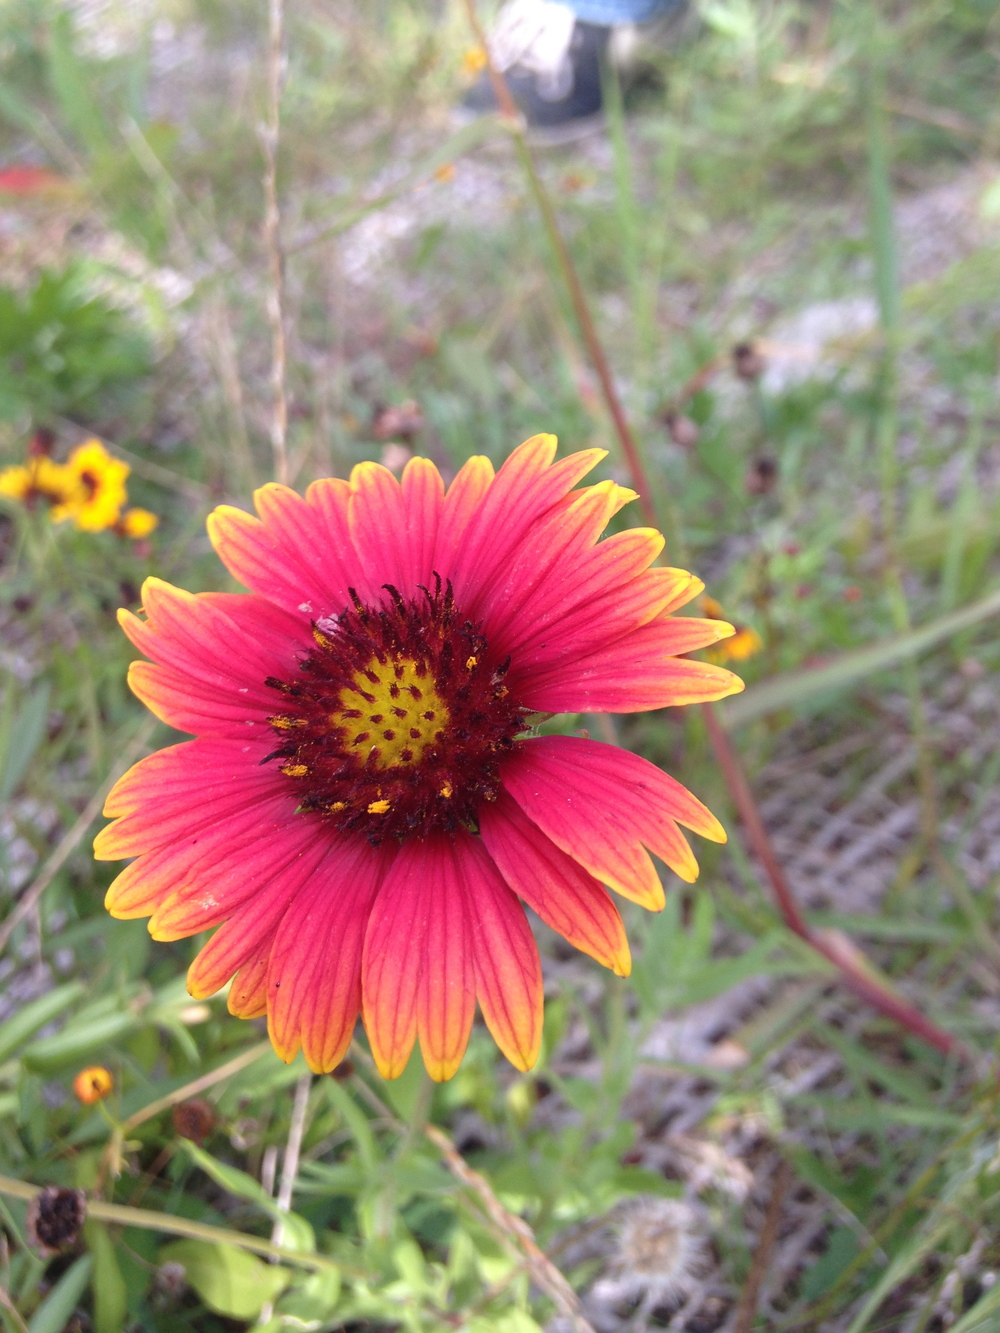 Rosering Blanket Flower